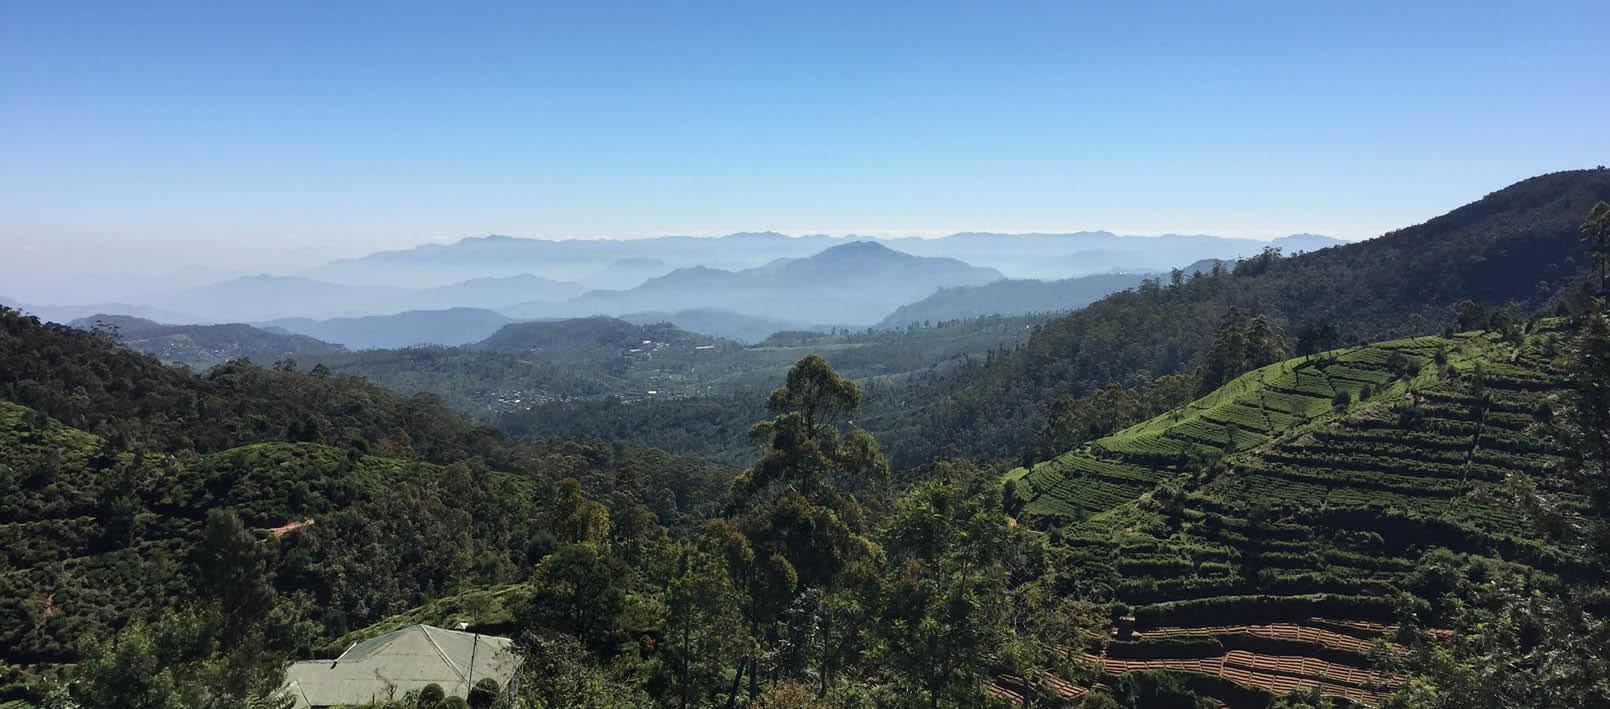 Diese einmalige Landschaft ist eines der Highlights jeder Sri-Lanka-Reise